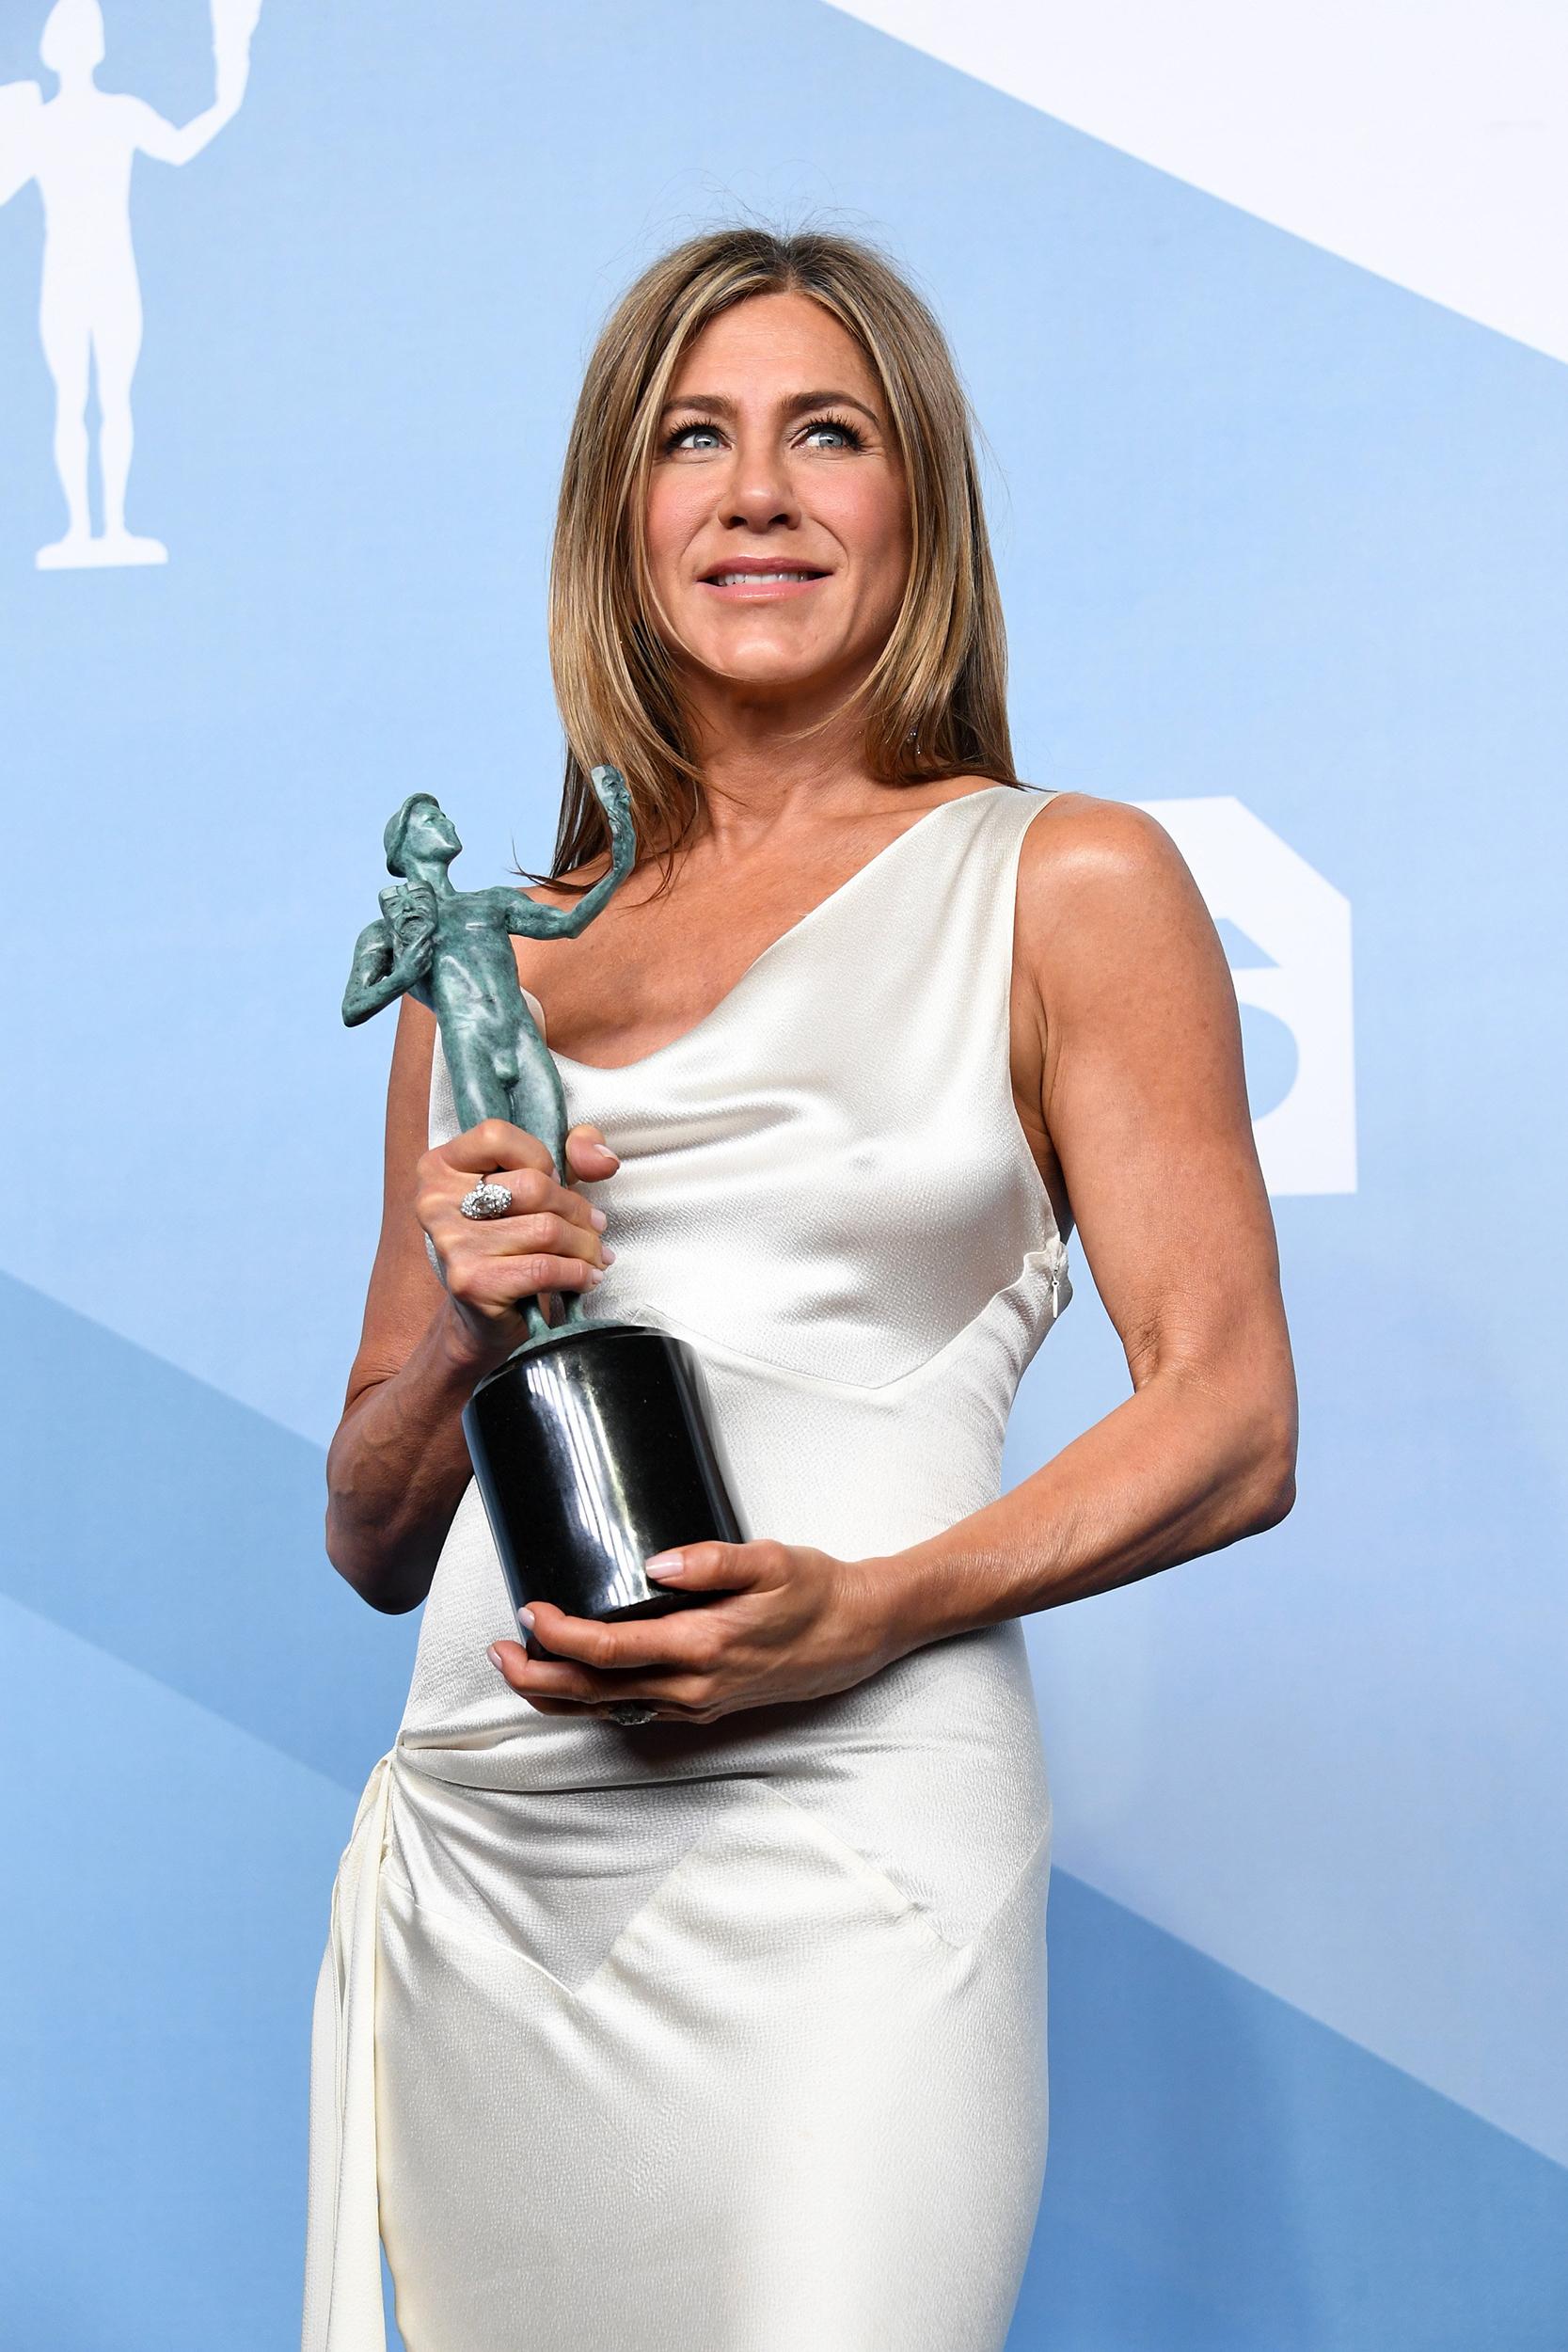 Jennifer Aniston reveals how she avoided wrinkling her SAG Awards dress